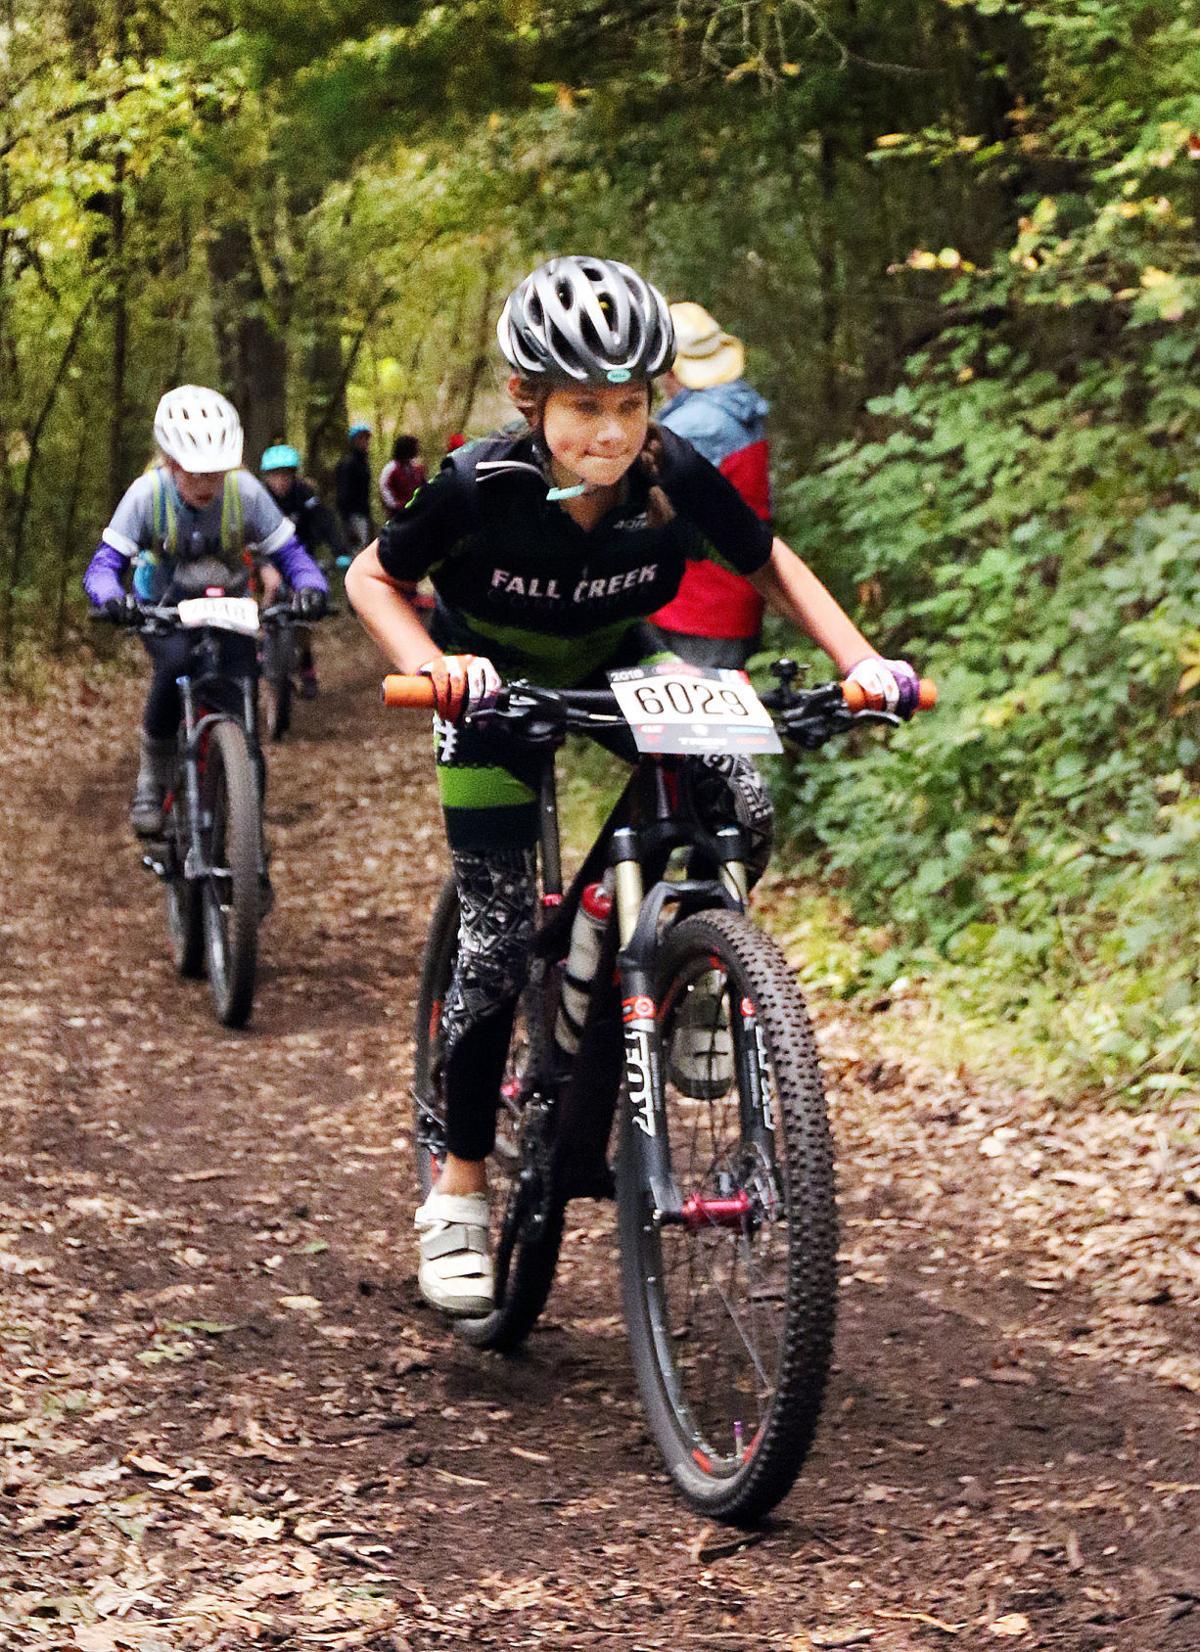 sk_Bike_Race_20a_100118.jpg